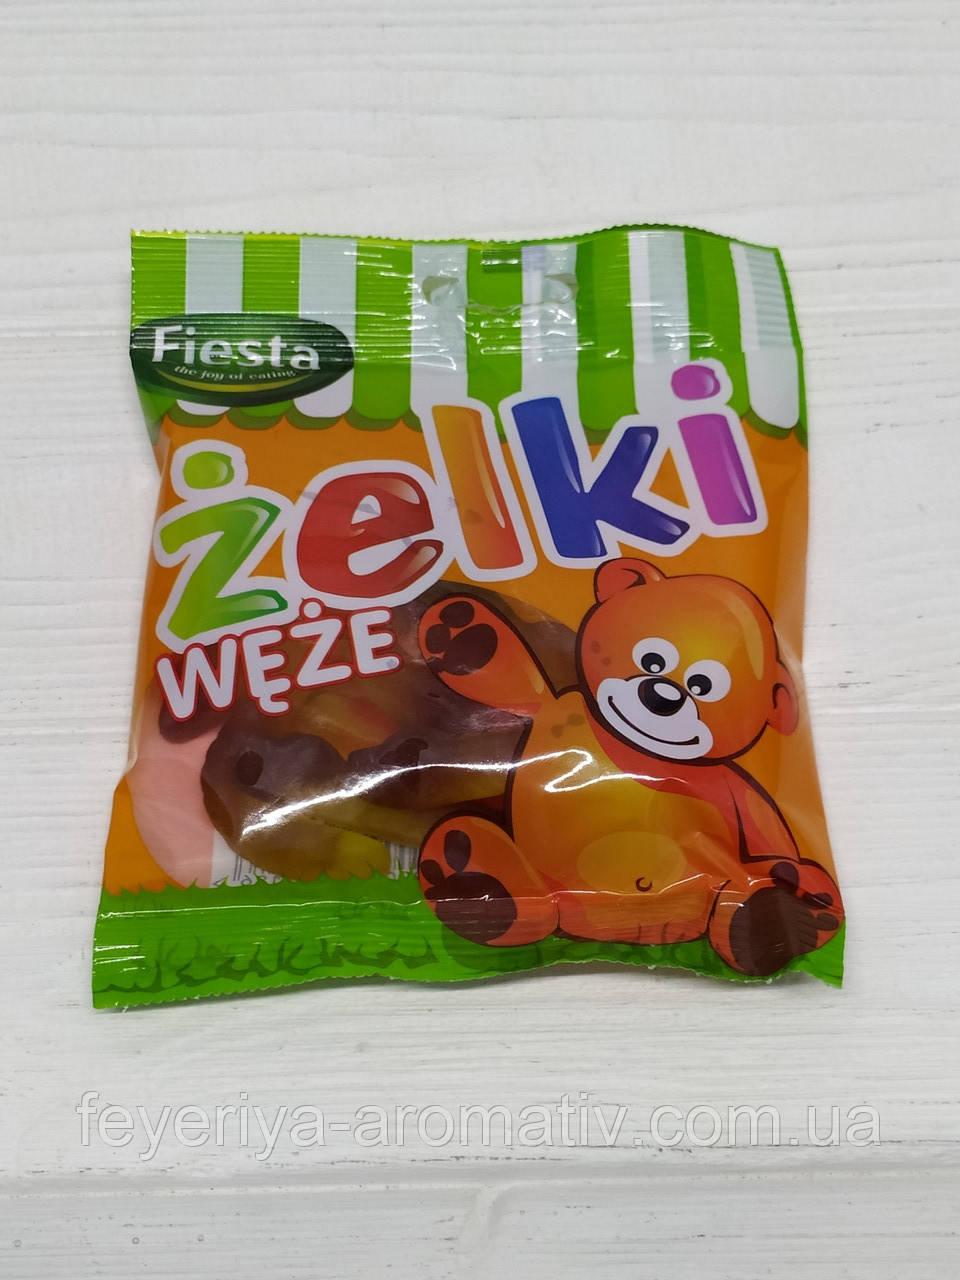 Желейные конфеты Fiesta Zelki Weze 80гр (Польша)